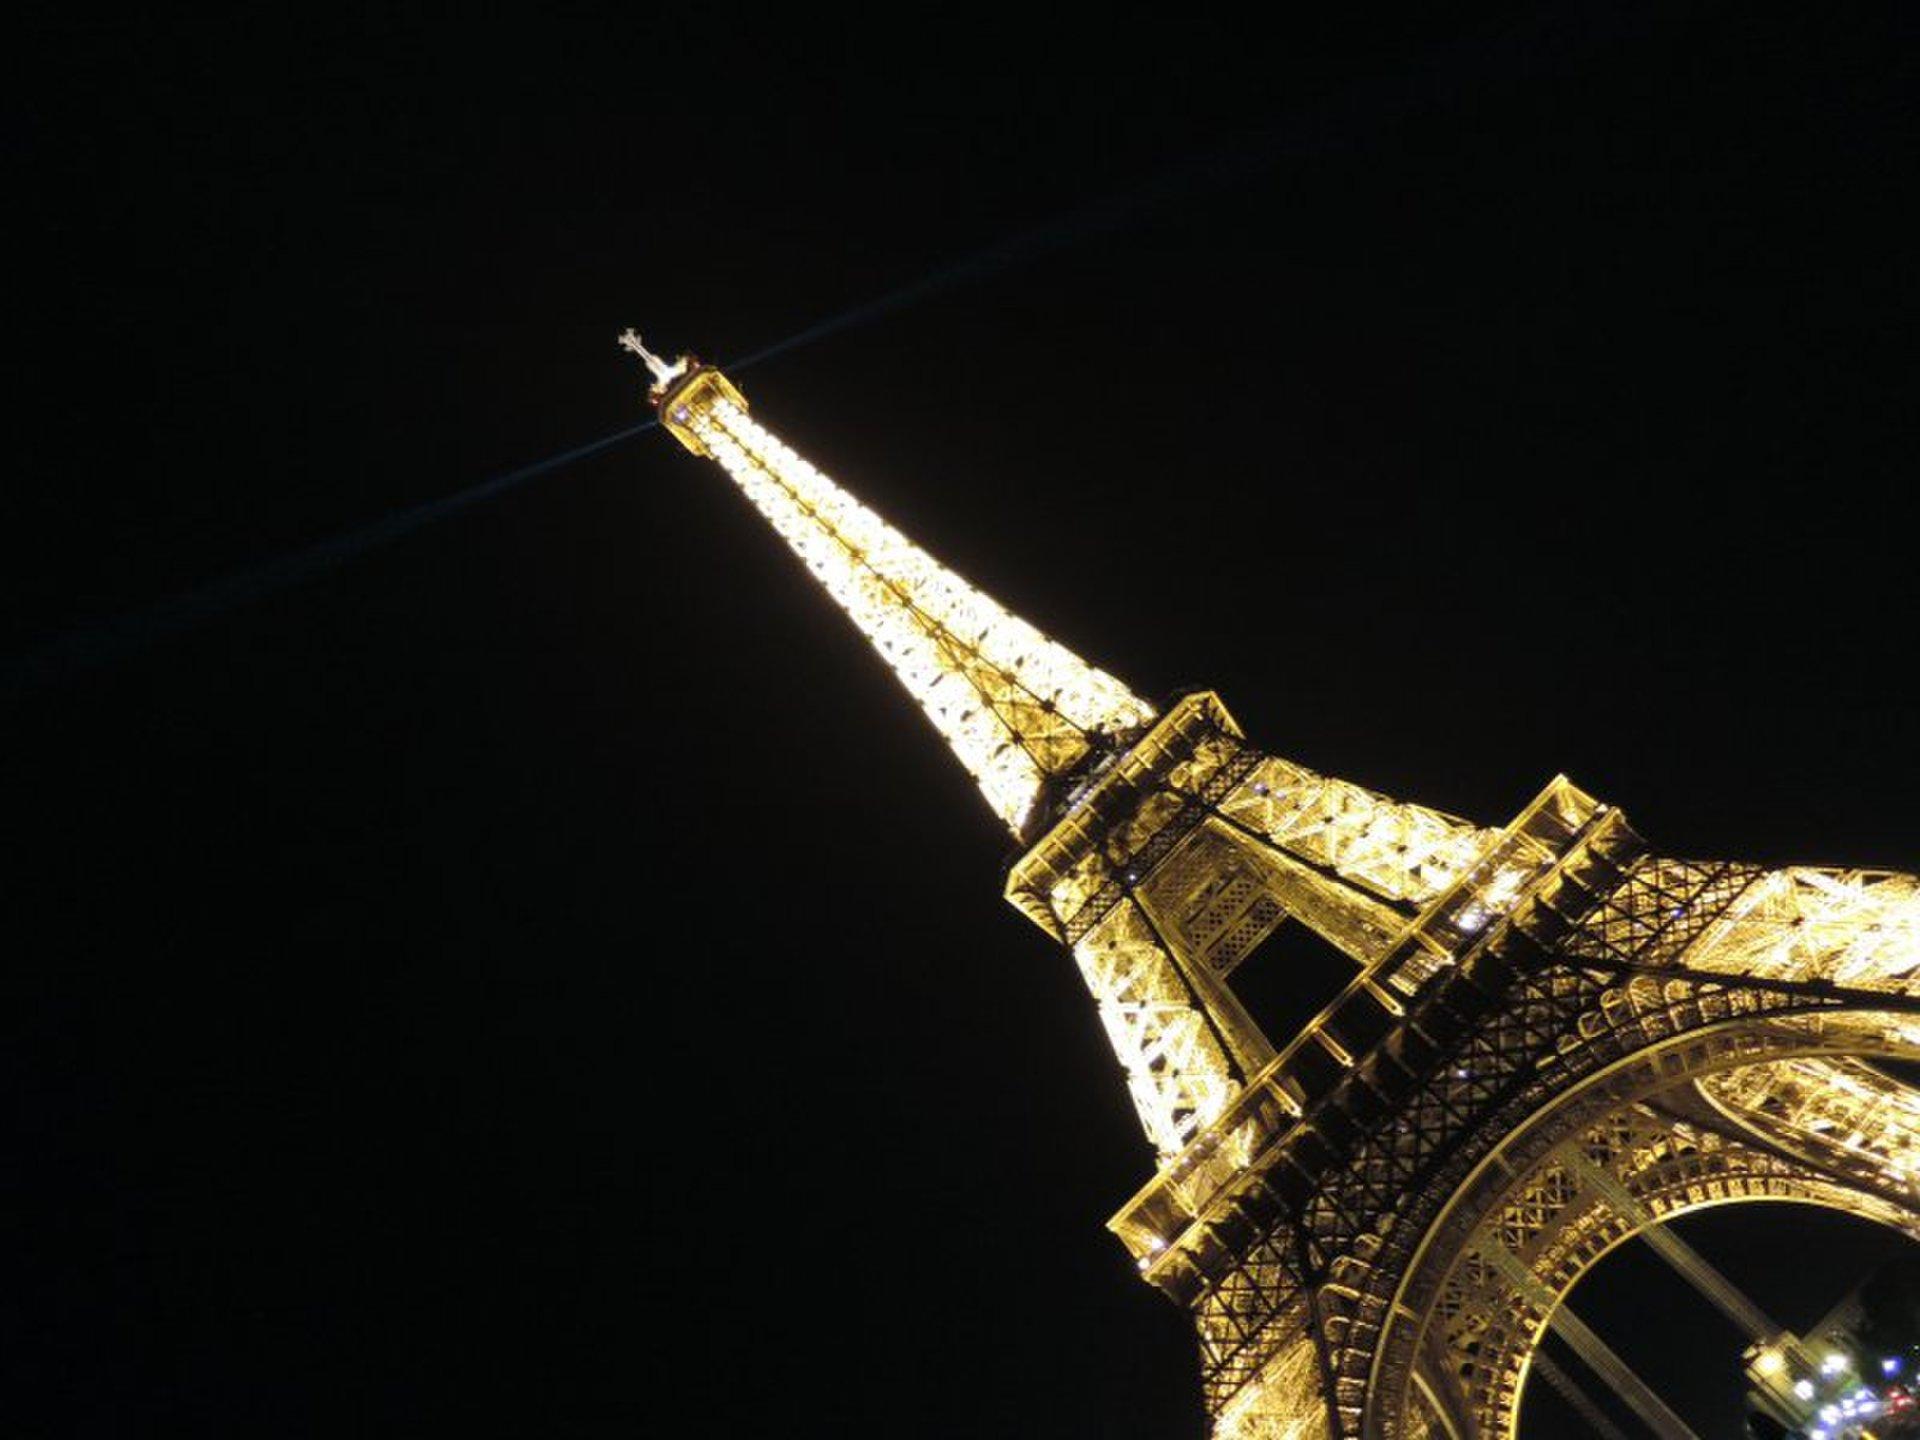 <ヨーロッパ篇> 初めての一人旅におすすめの観光都市・旅行先3選を紹介!【バルセロナ・パリ・ローマ】